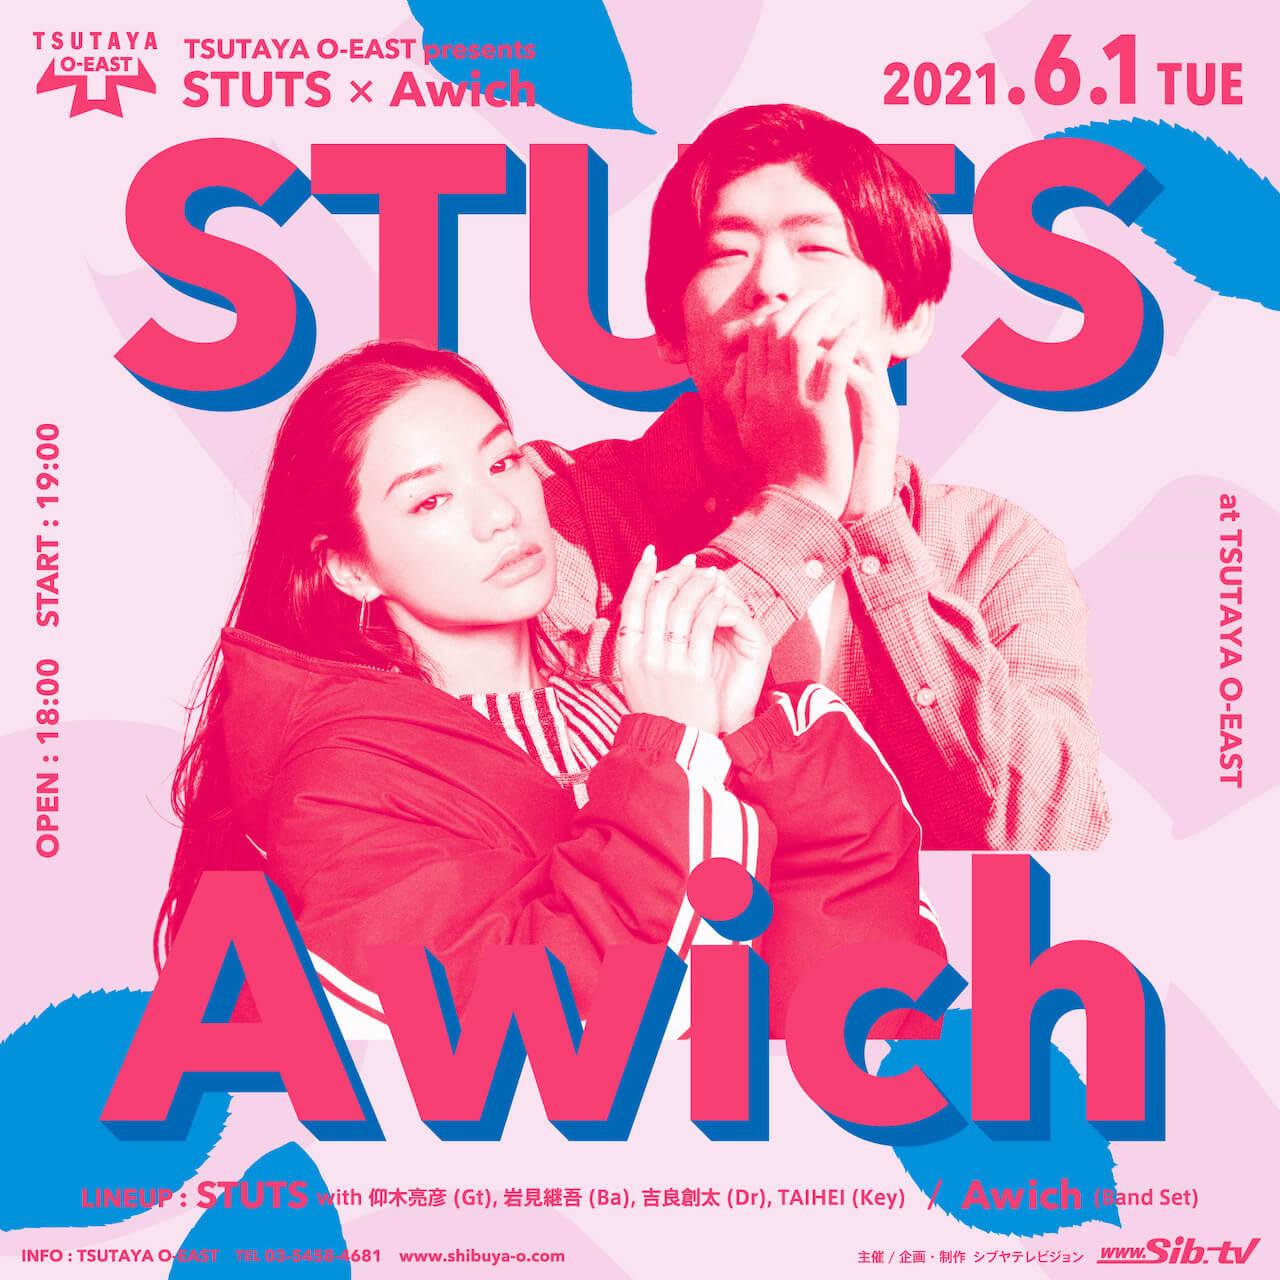 STUTSとAwich、バンドセットのスペシャルな対バン振替公演が6月1日に開催 music210409-stuts-awich